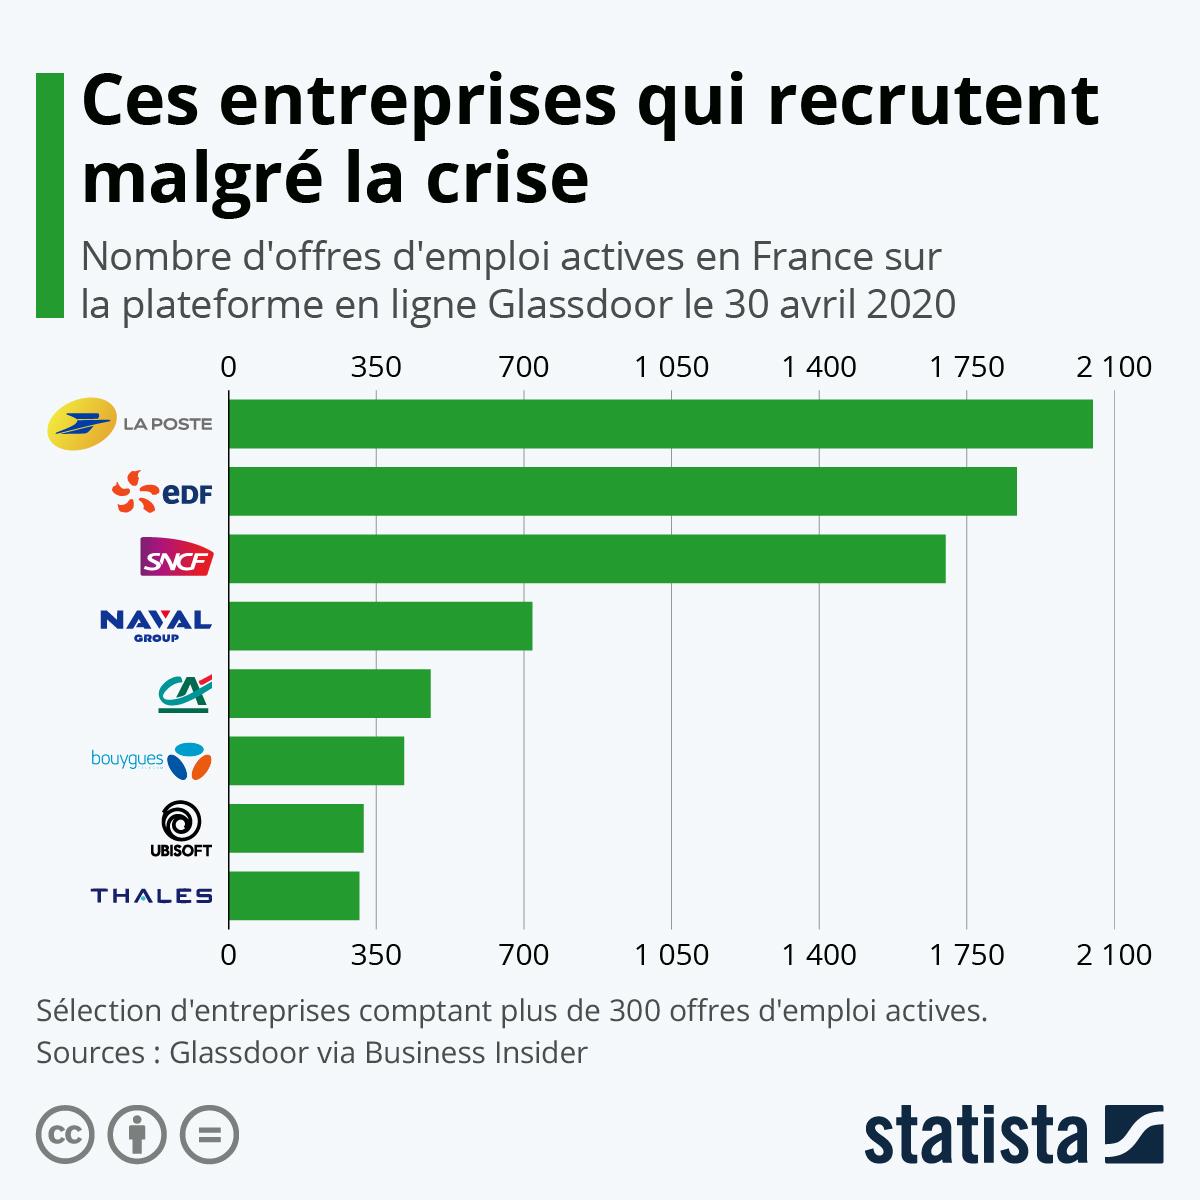 Infographie: Ces entreprises qui recrutent malgré la crise | Statista